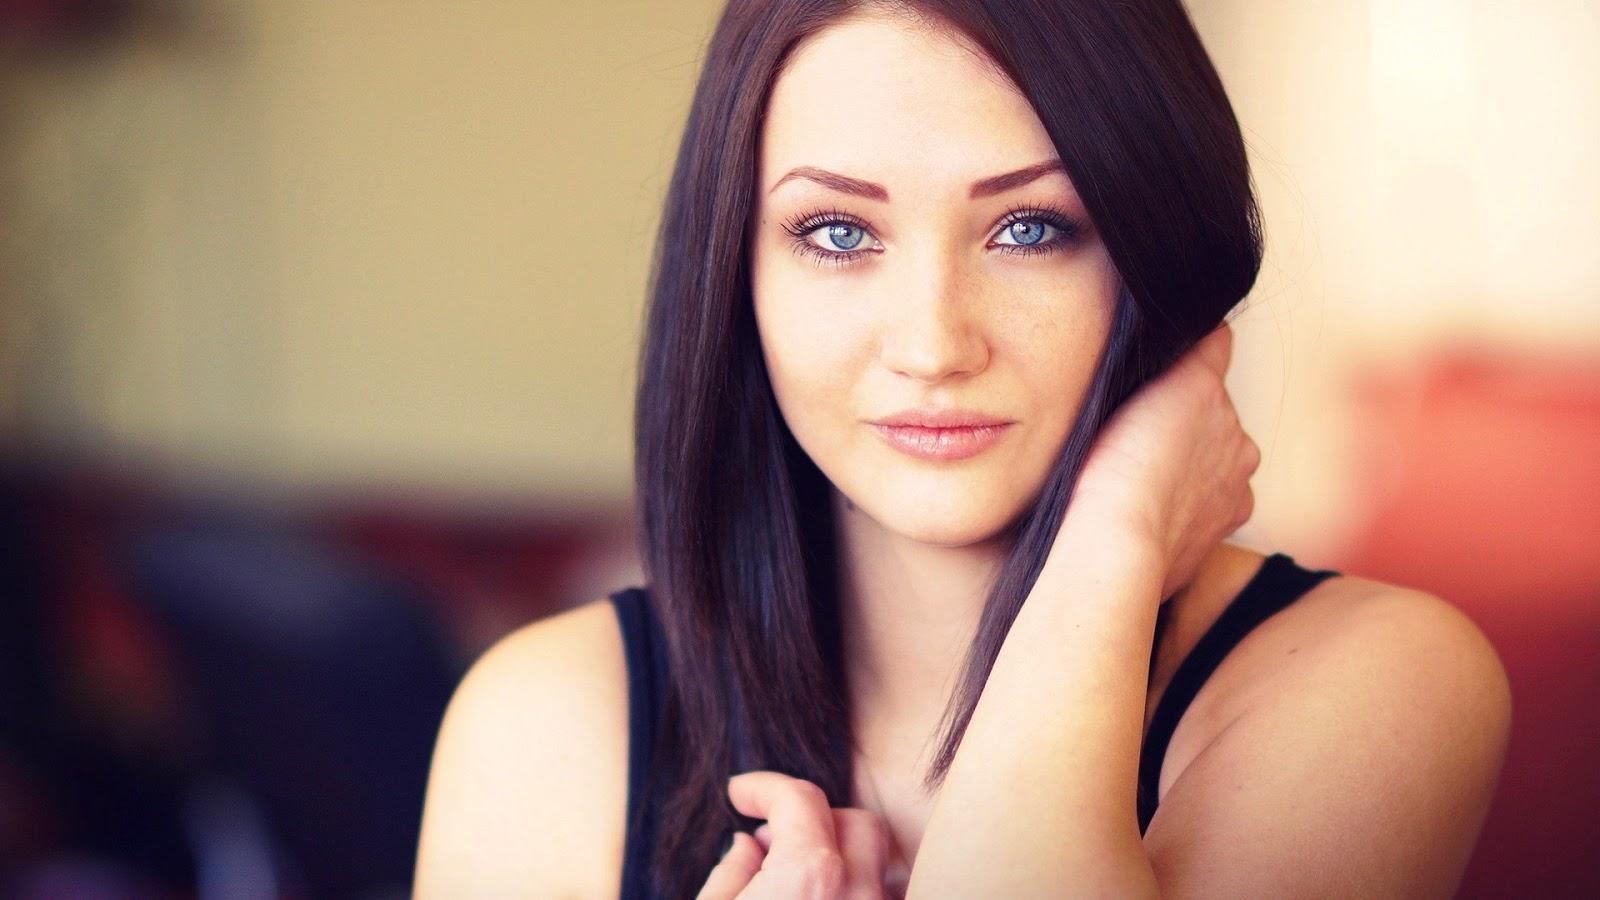 بالصور صور اجمل بنات في العالم , صور رائعه لاجمل نساء العالم 4304 7